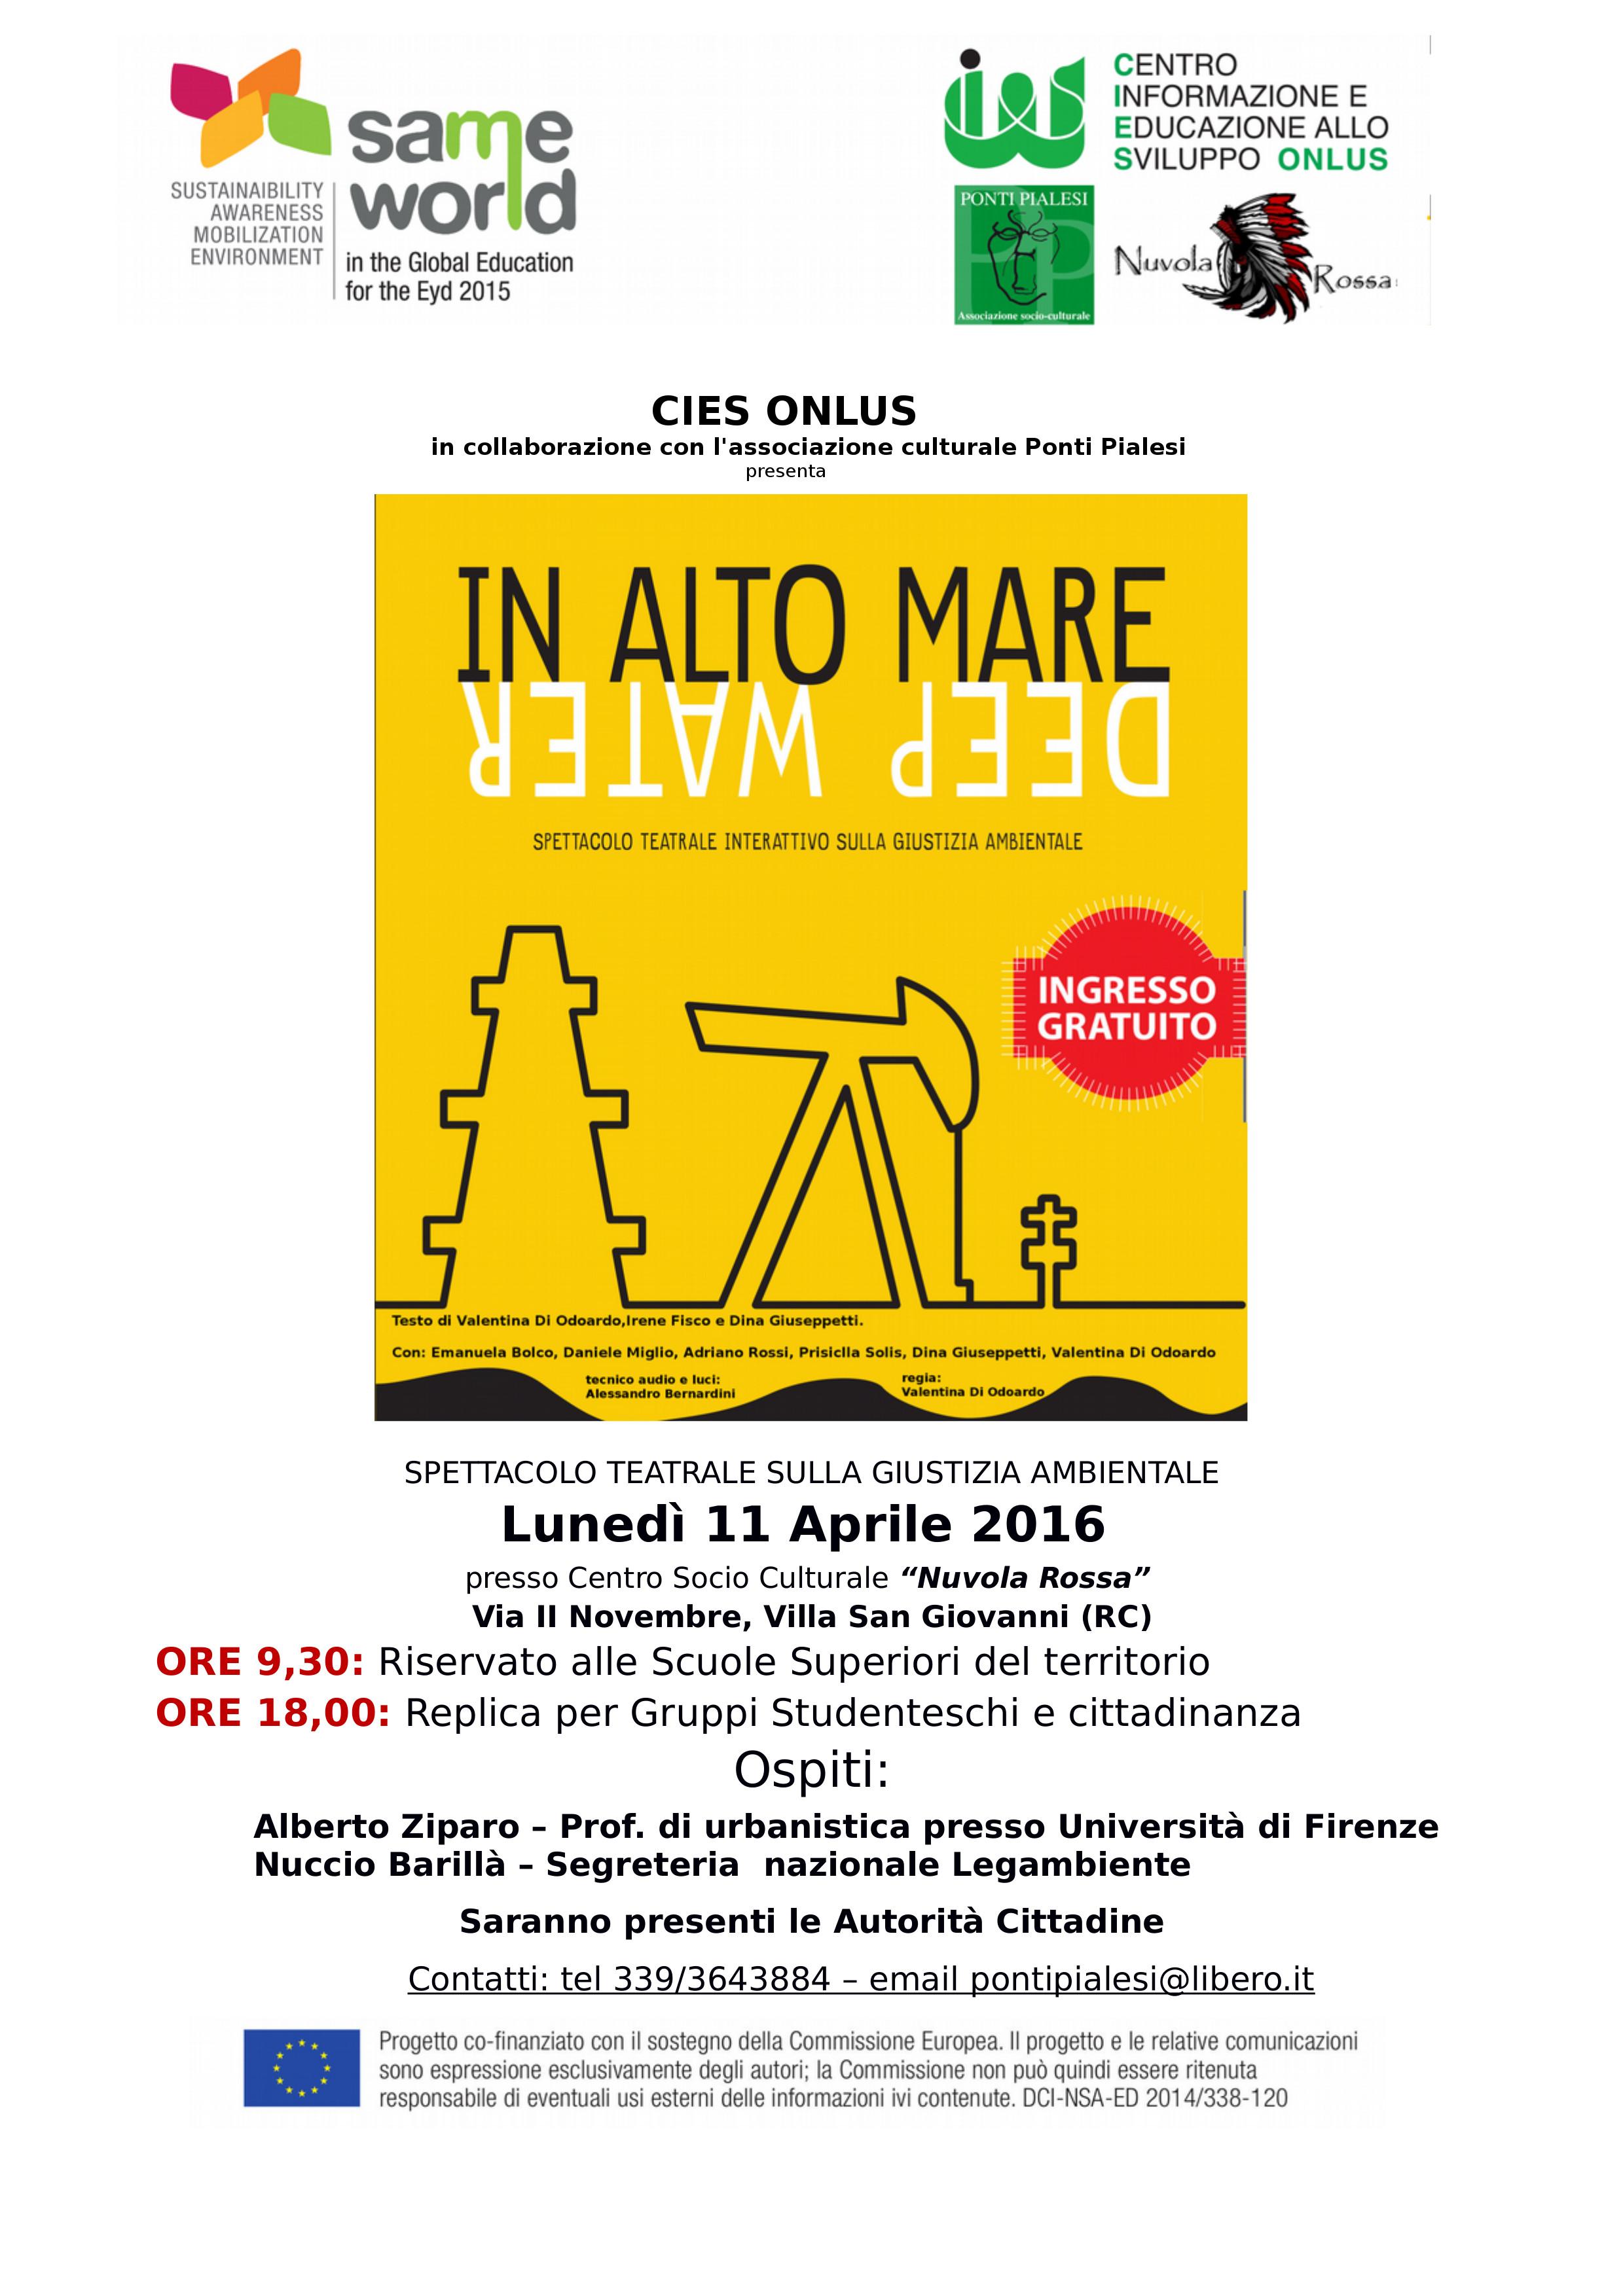 PONTI PIALESI: IN ALTO MARE/DEEP WATER Rappresentazione Teatrale sulla giustizia ambientale nell'ambito del progetto SAME WORLD 2015